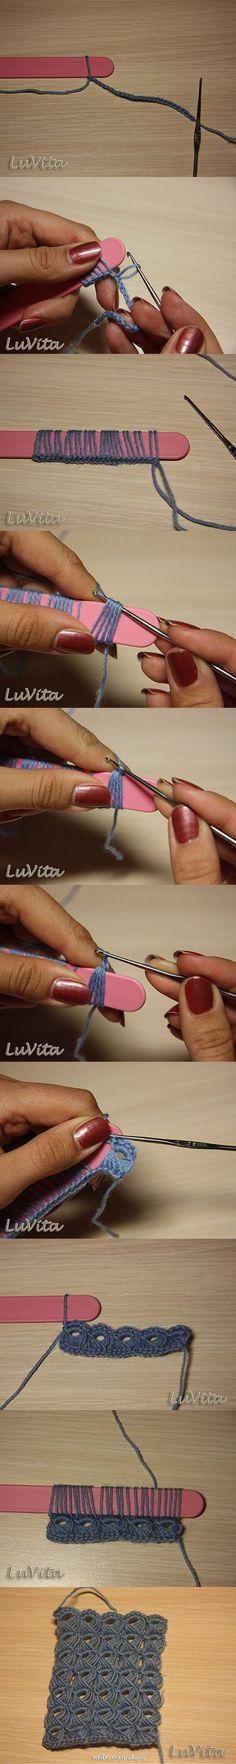 冰棒棍儿也...来自Panjf74的图片分享-堆糖..great idea for bracelets!!